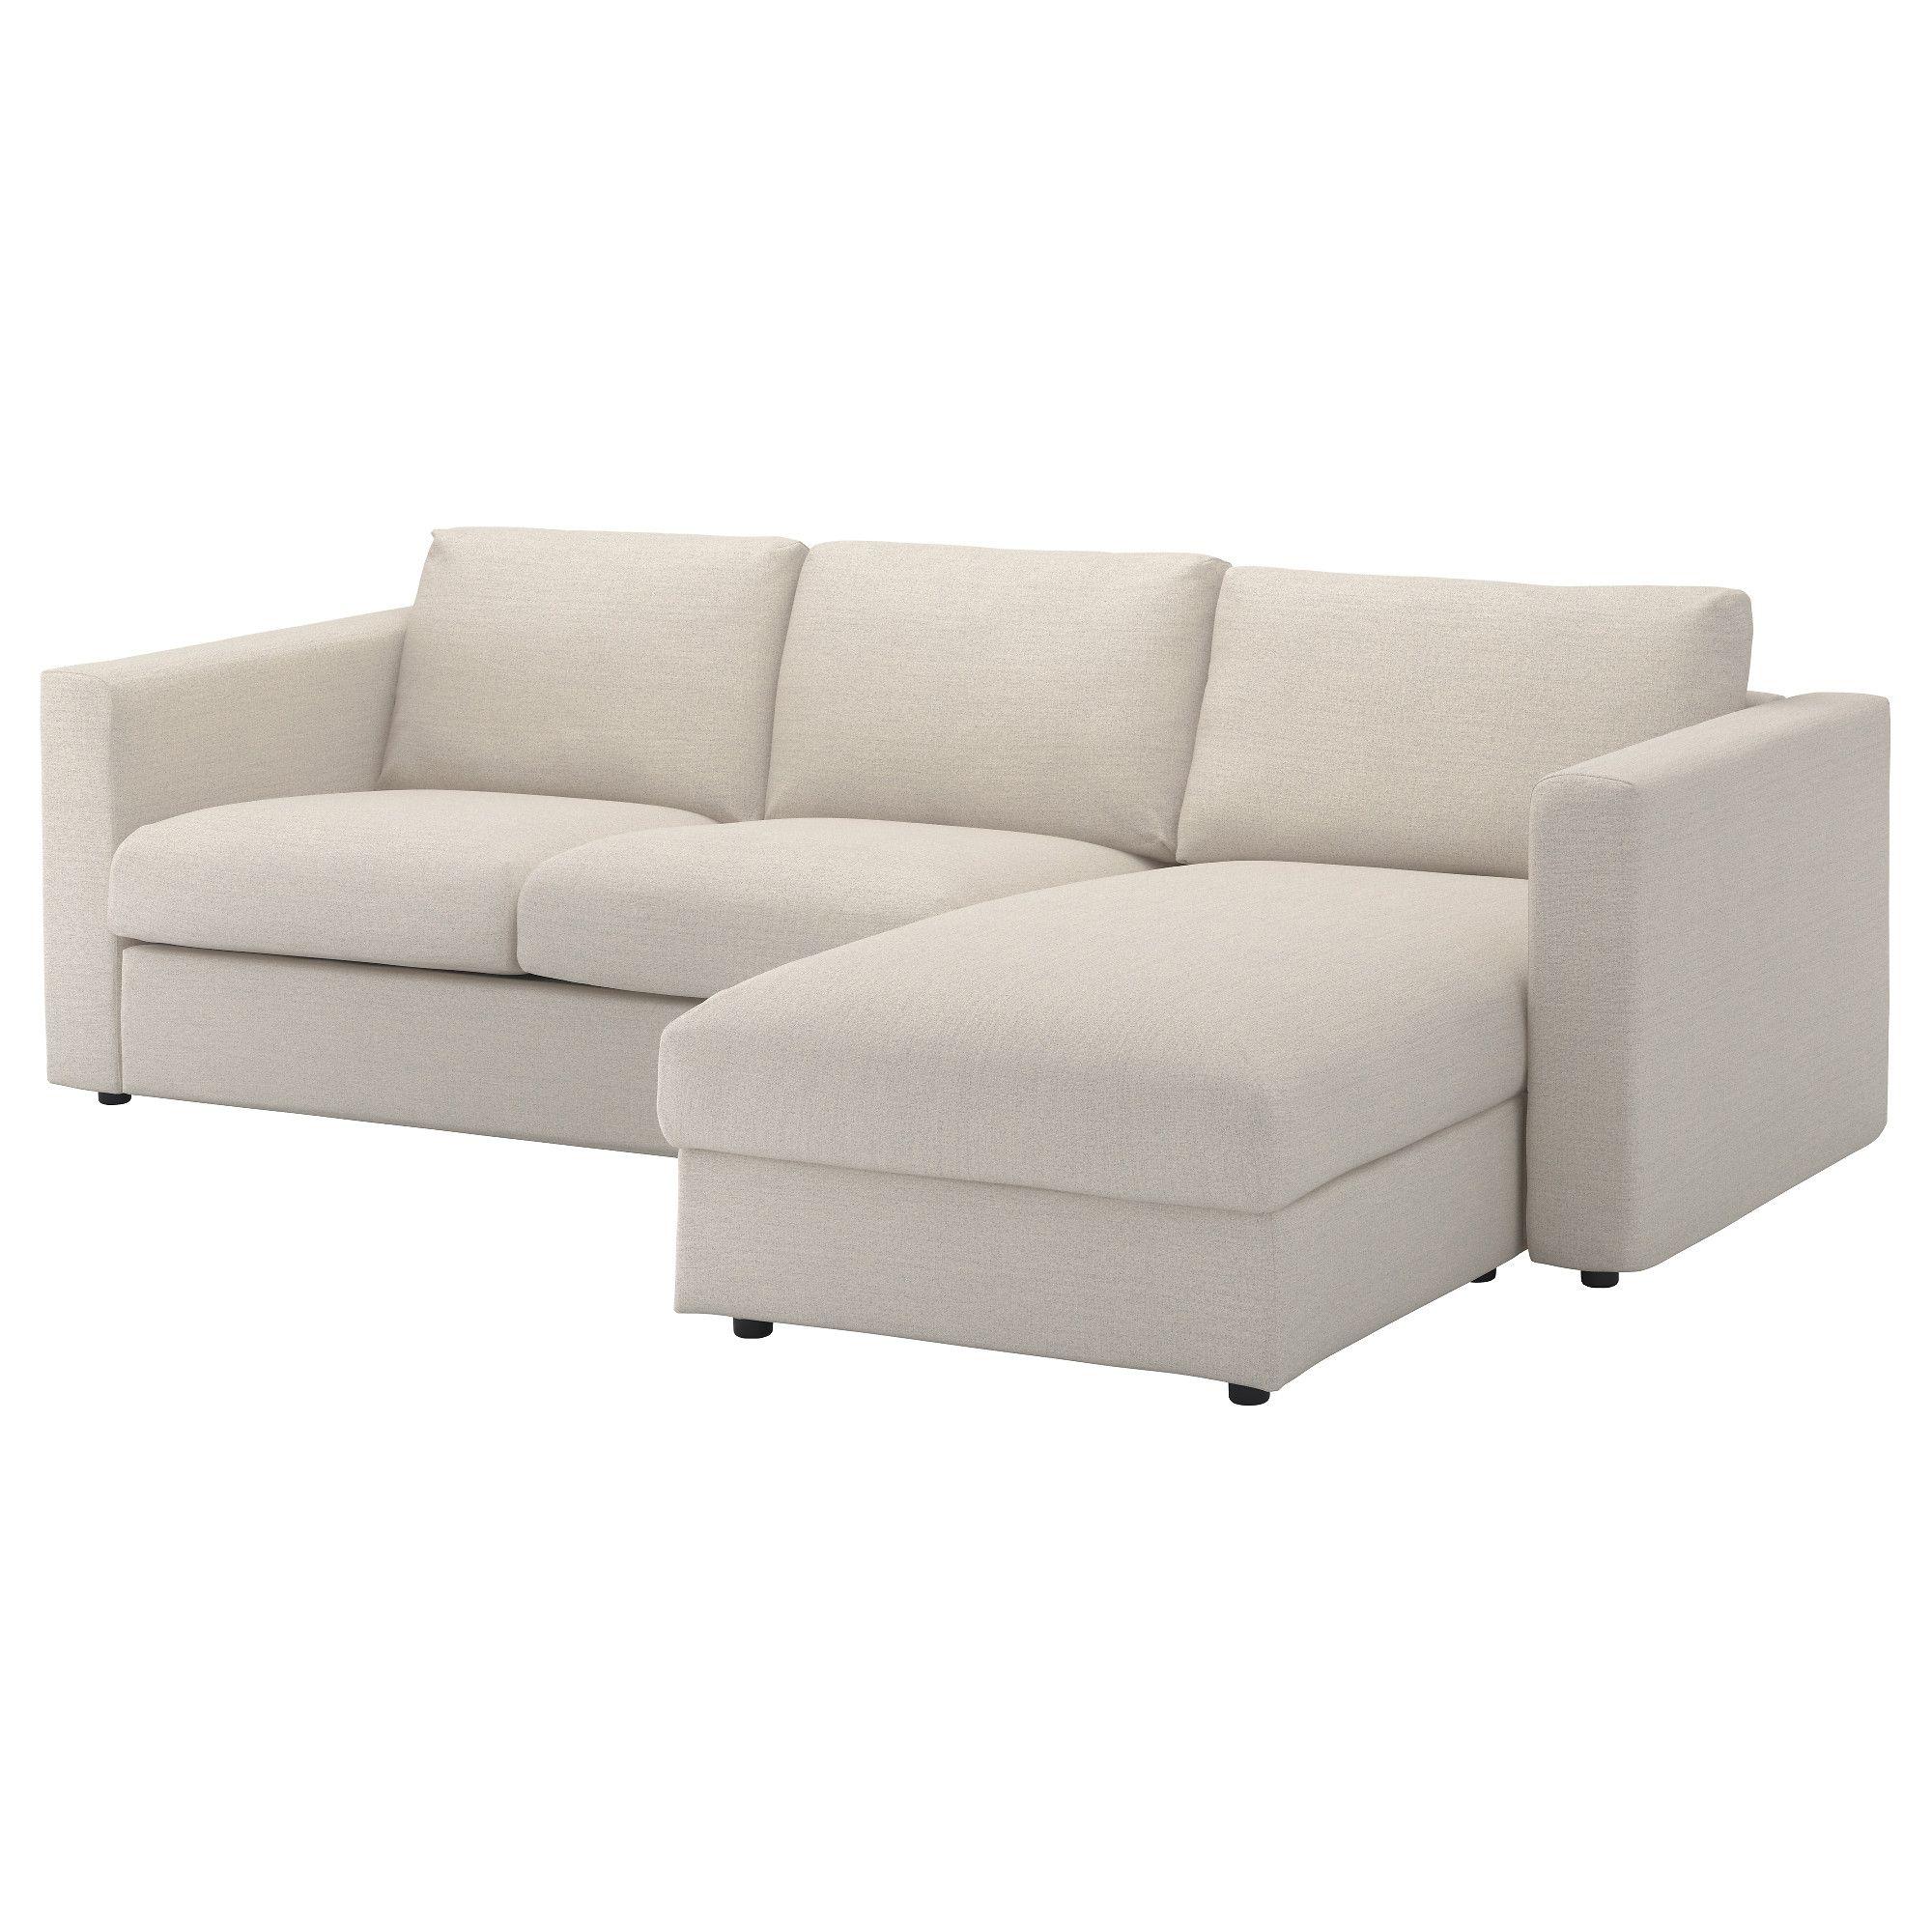 Vimle 3er Sofa Mit Recamiere Beige Jetzt Bestellen Unter Https Moebel Ladendirekt De Wohnzimmer Sofas 2 U Sofa Bed With Chaise Ikea Vimle Ikea Vimle Sofa